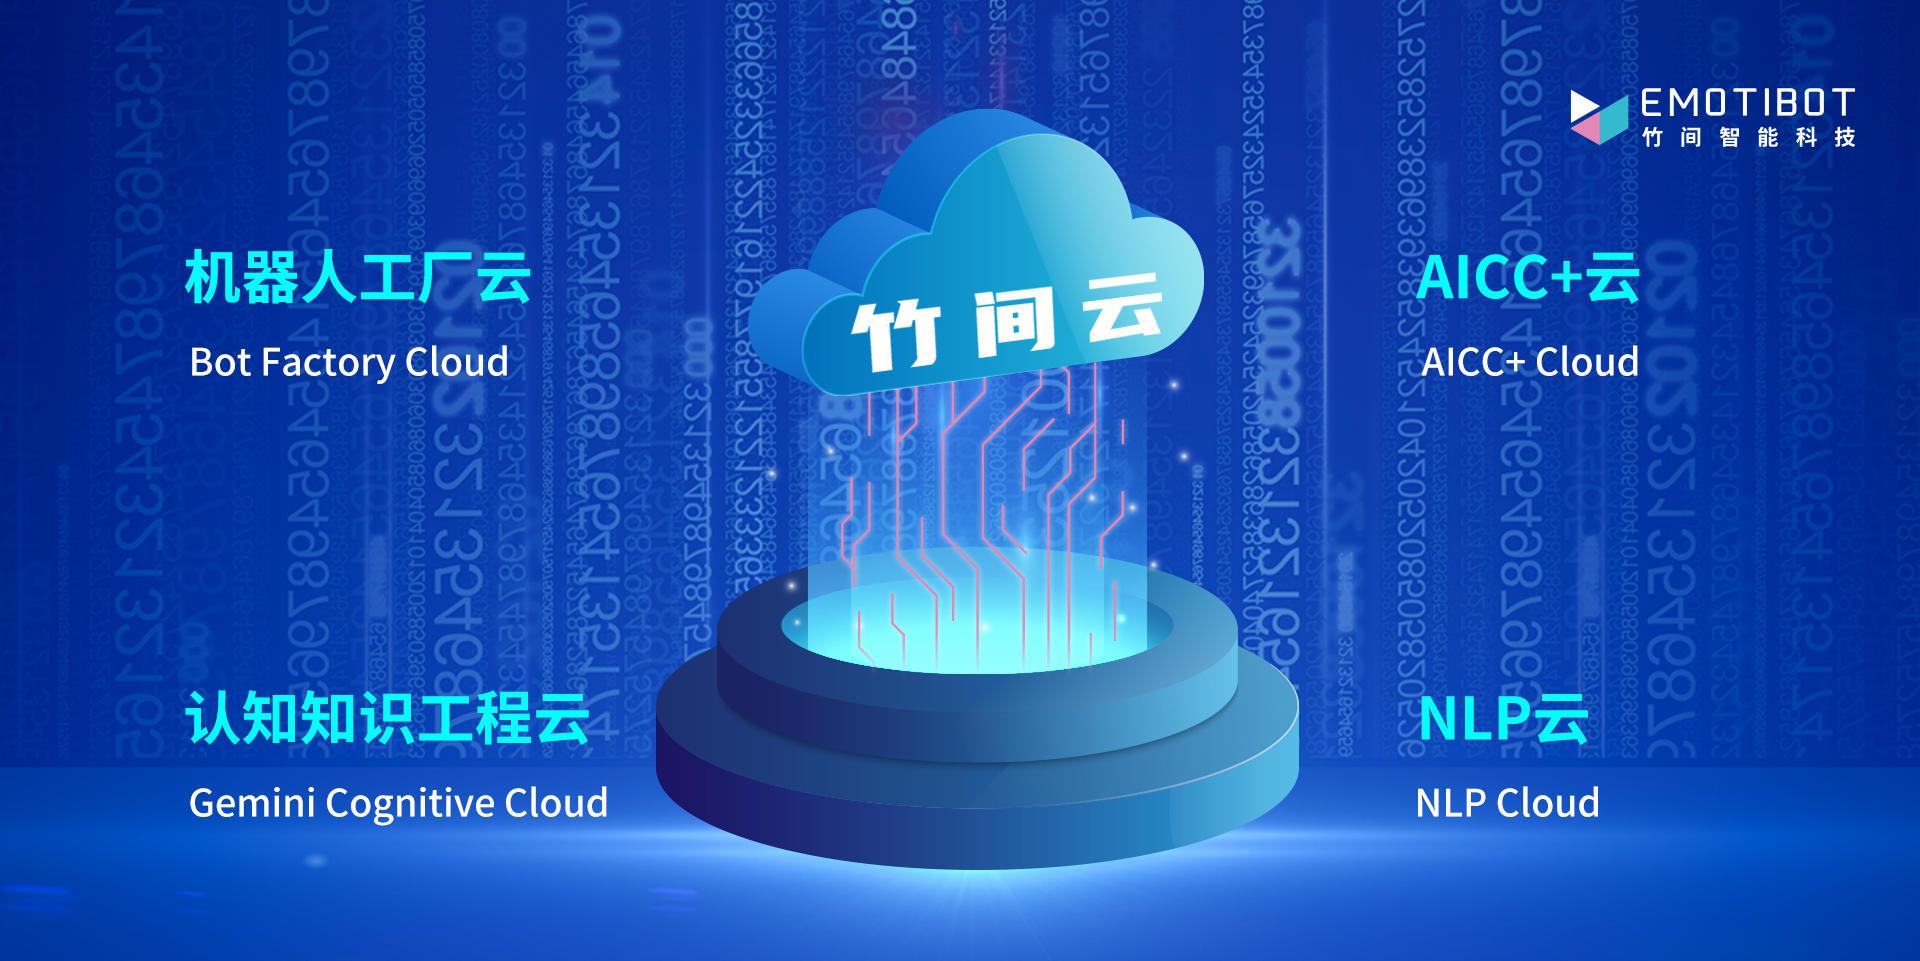 竹间智能完成1亿元人民币C+轮融资,推出「竹间云」Cloud AI